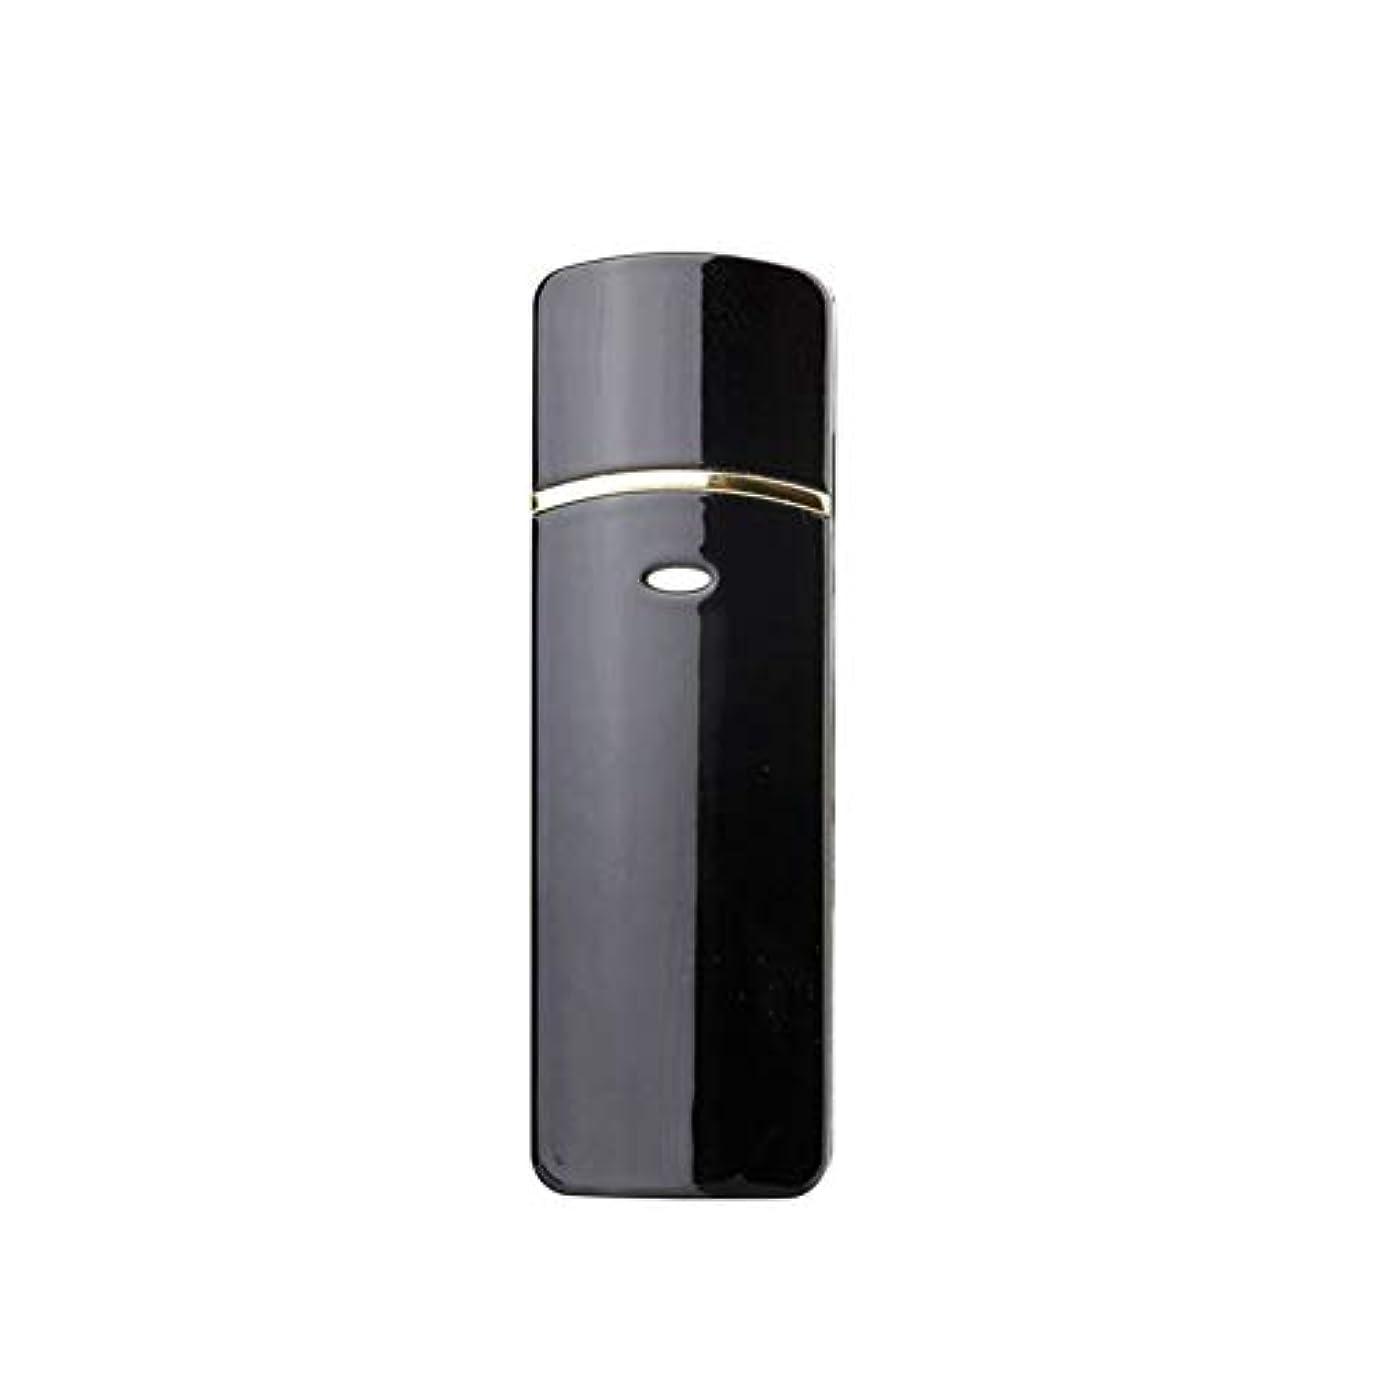 マーキーソート誠意顔のスプレーヤー加湿器美容保湿ミニ顔ミスト霧化まつげエクステンションUSB充電式コールドスプレー (Color : Black)